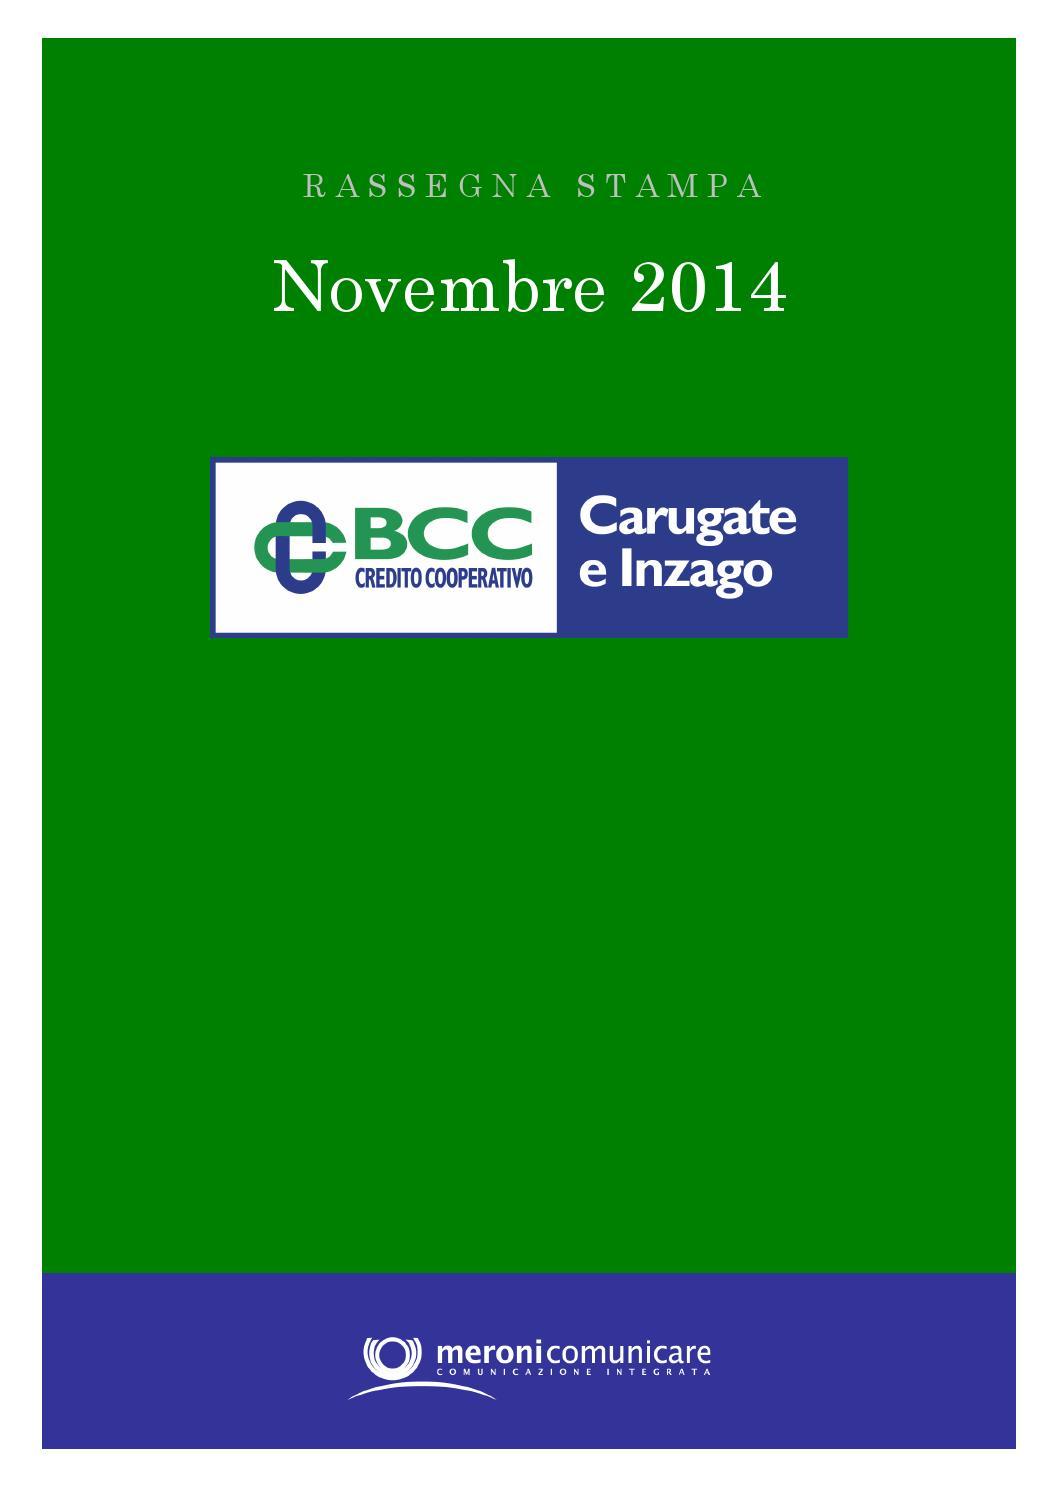 Bcc Rassegnastampa Novembre2014 By Bcc Carugate E Inzago Issuu